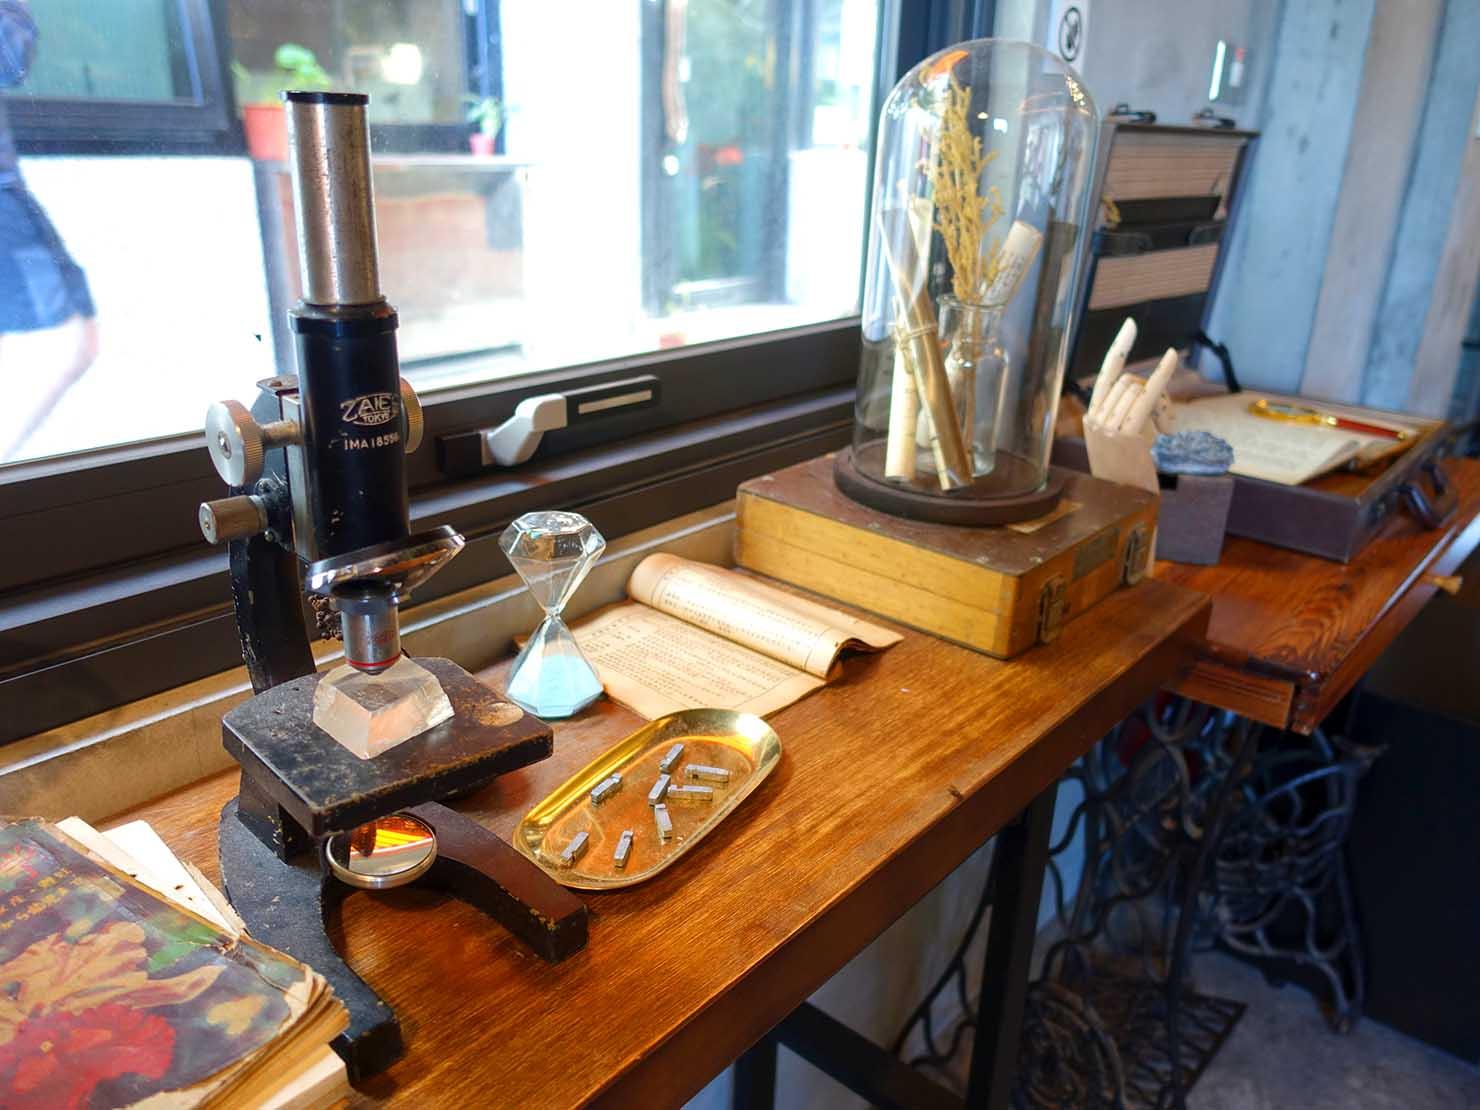 台北・九份のおしゃれなゲストハウス「九份山經」の共用スペースに置かれた顕微鏡